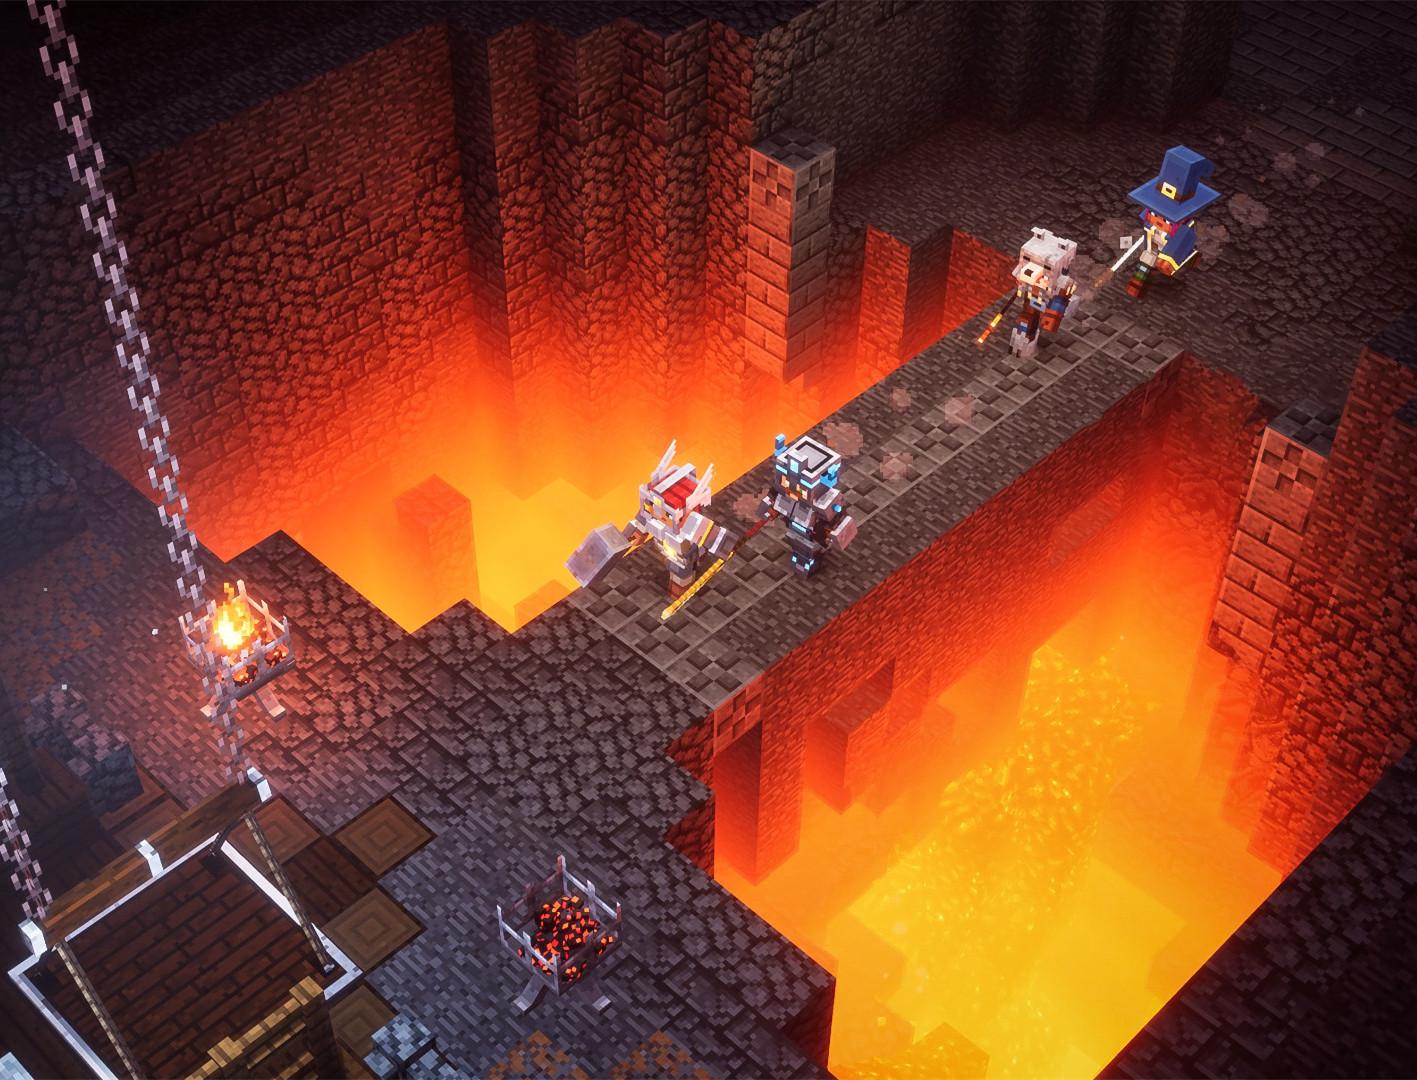 我的世界:地下城Steam版发售 获玩家特别好评